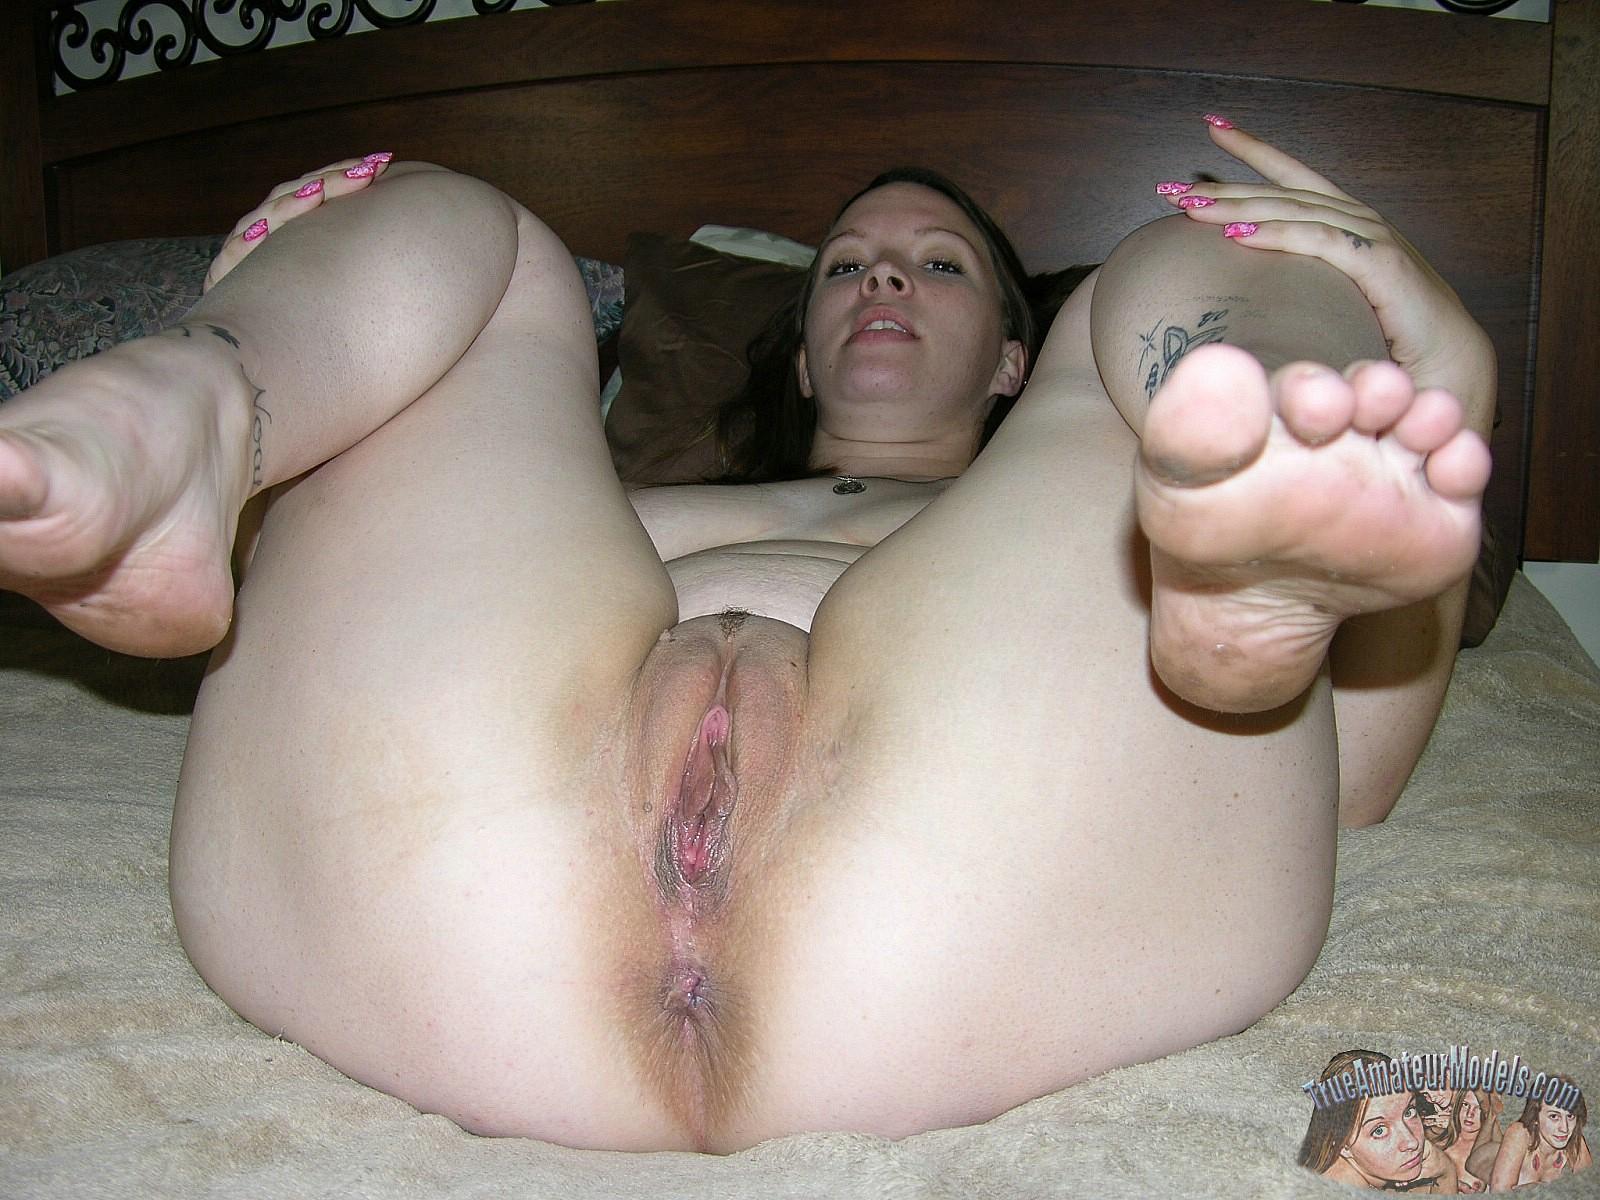 Real amatuer gf porn-8356